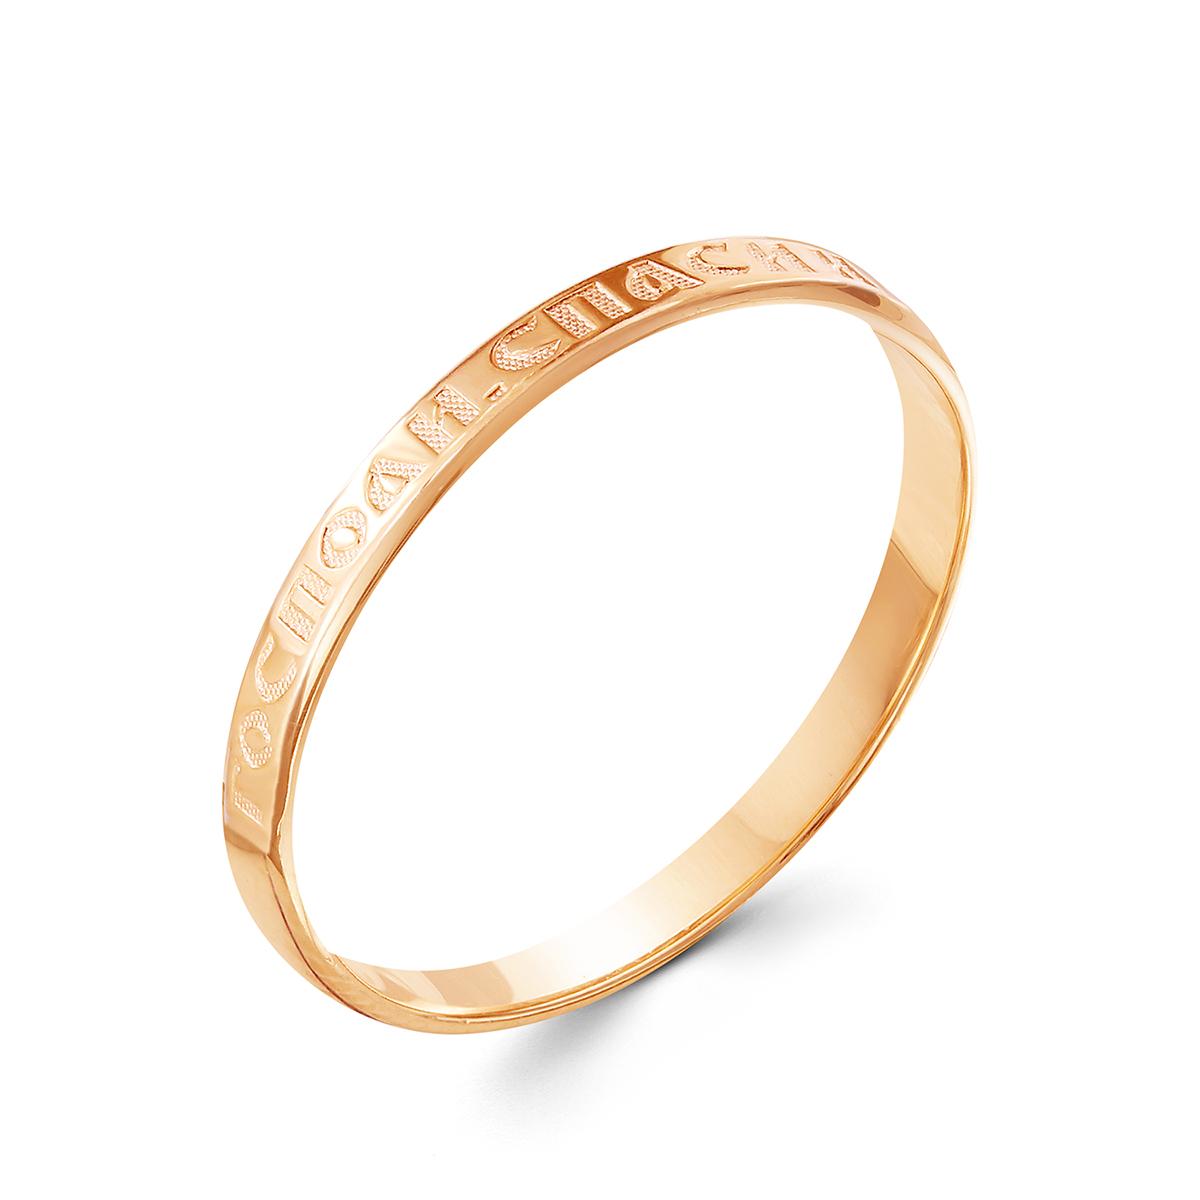 Обручальное кольцо арт. 94-01-7238-00 94-01-7238-00